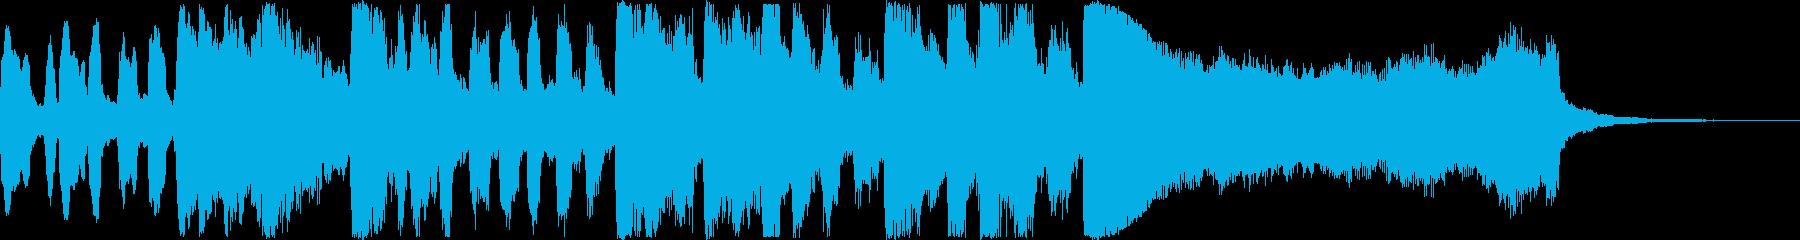 王道の明るいトランペット・ファンファーレの再生済みの波形